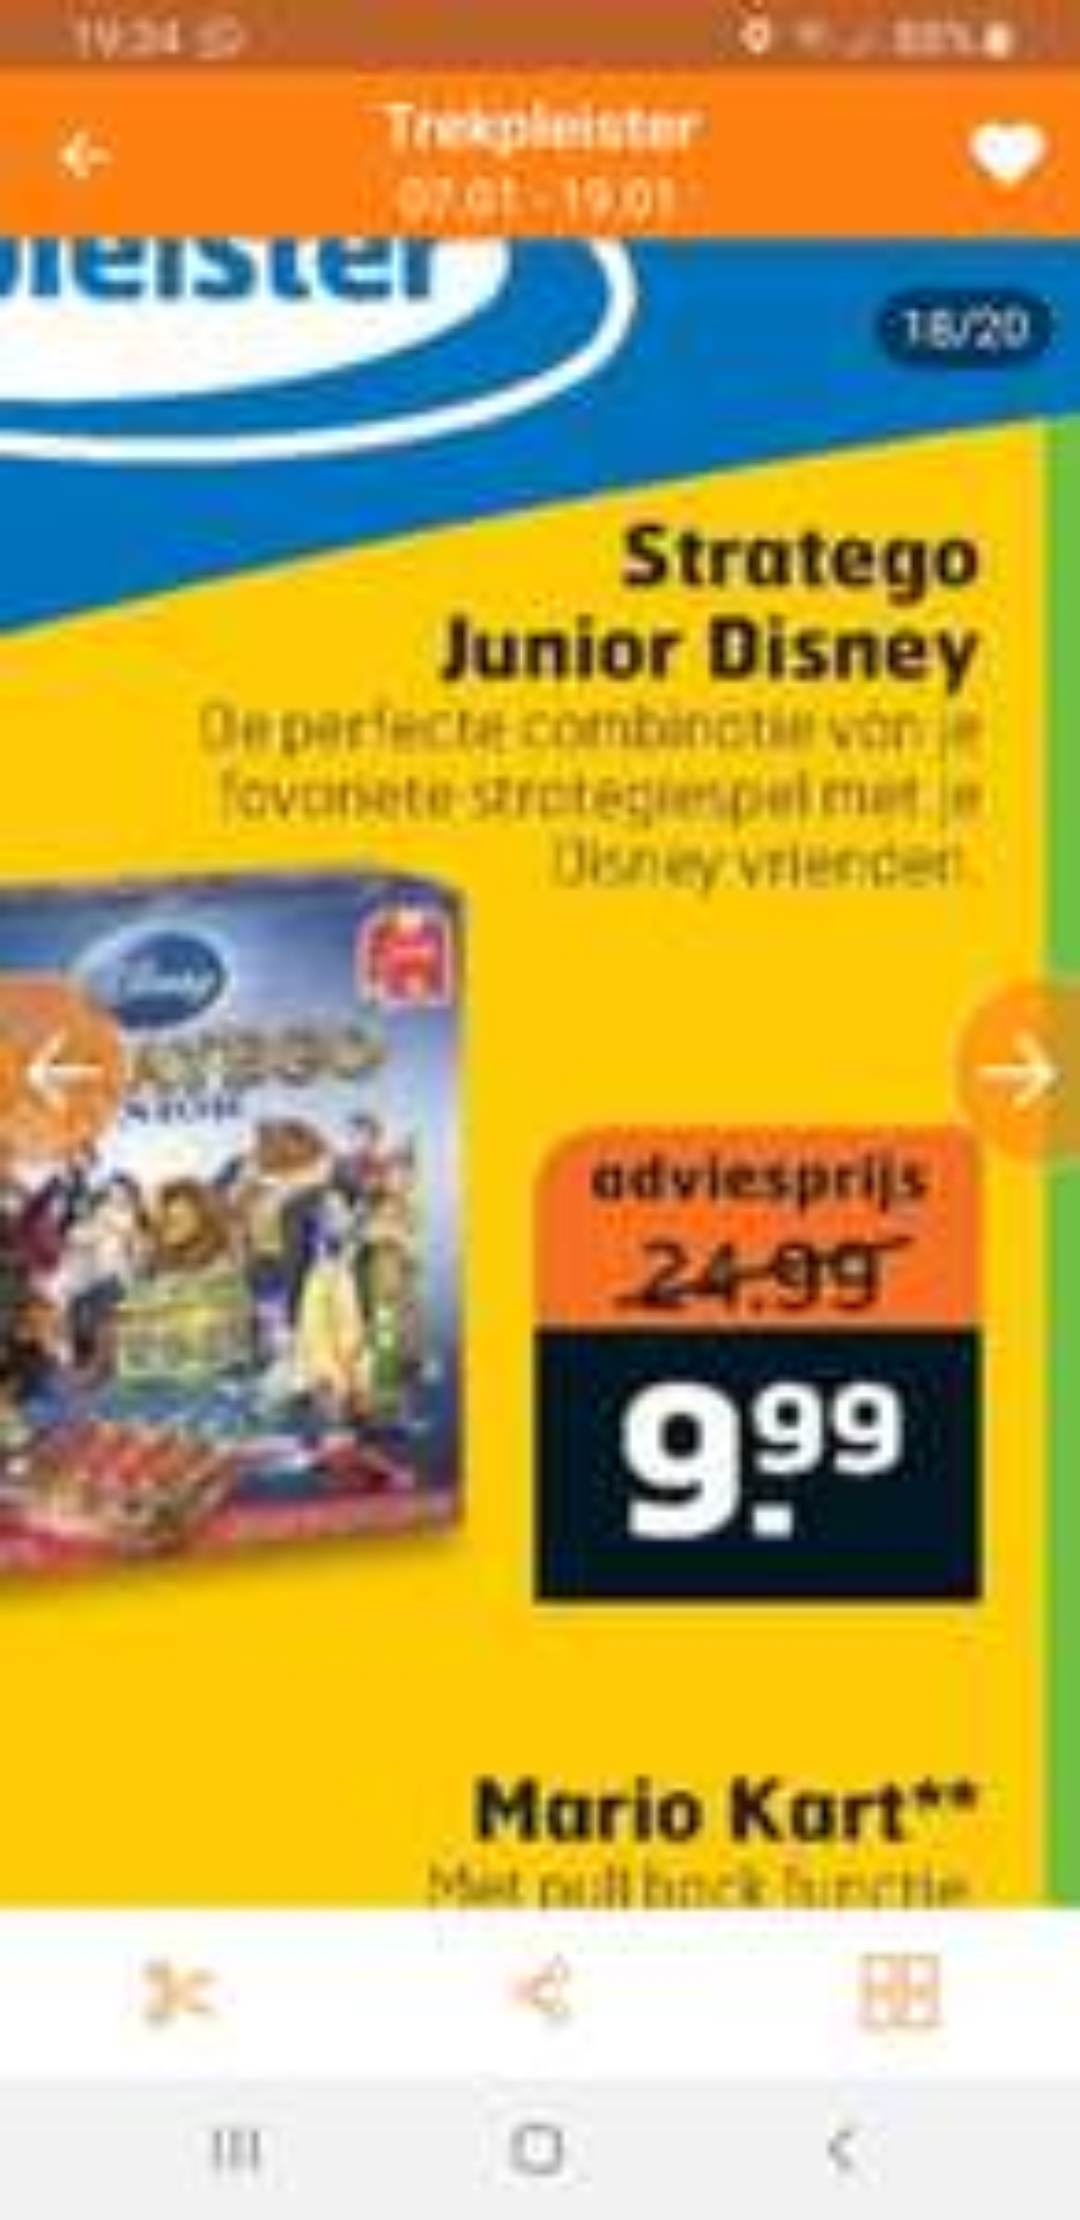 Stratego junior Disney €9.99 bij Trekpleister